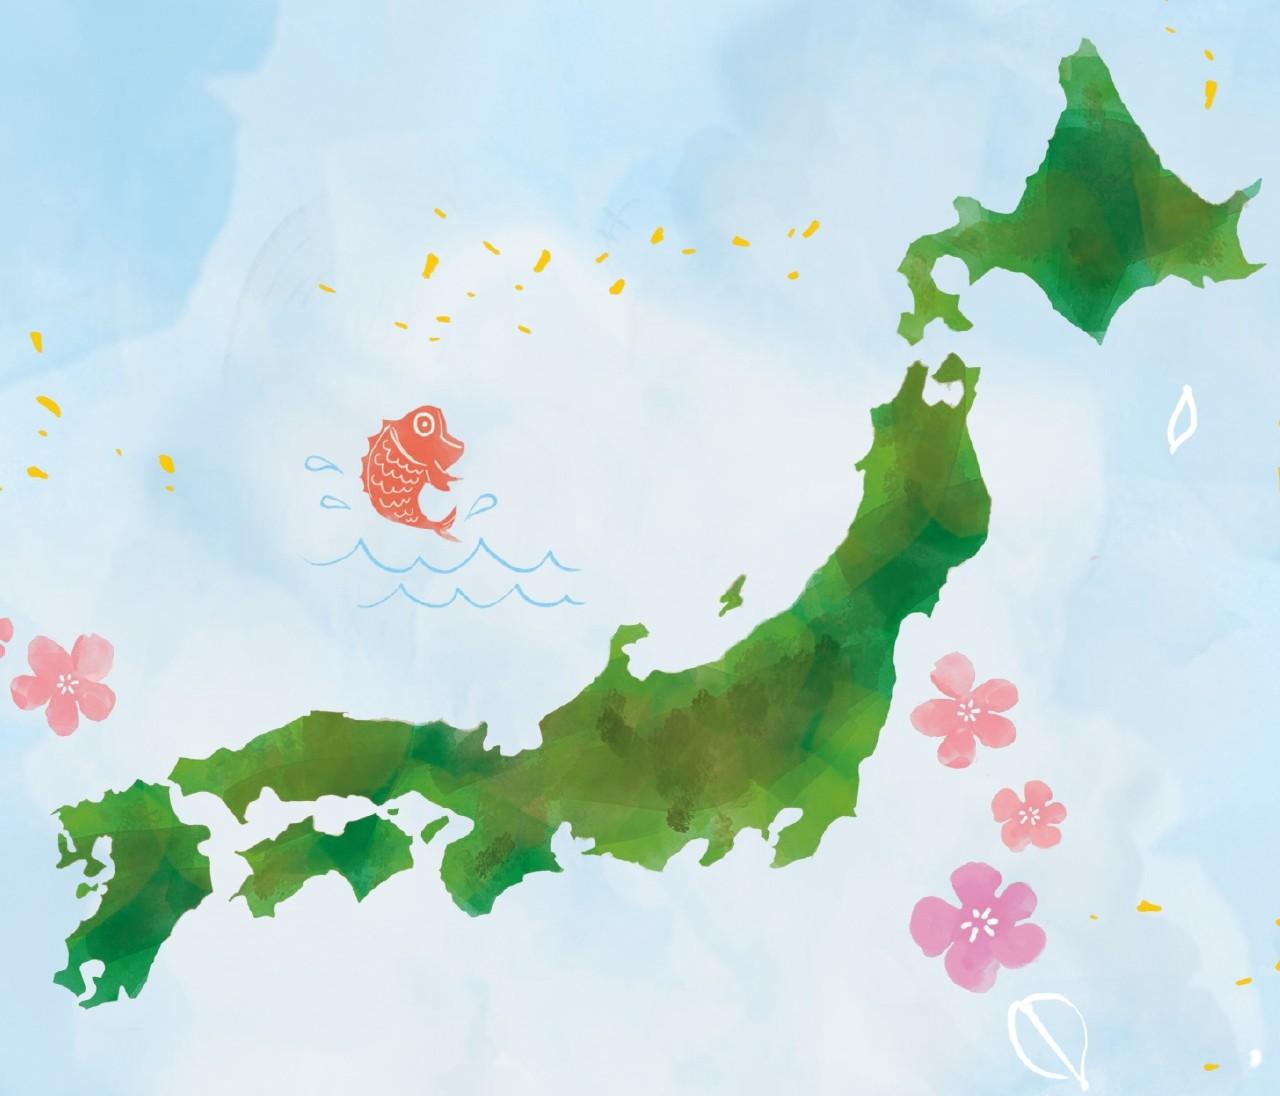 【2020開運】 島田秀平が厳選!2020年最強の開運スポットはココだ!